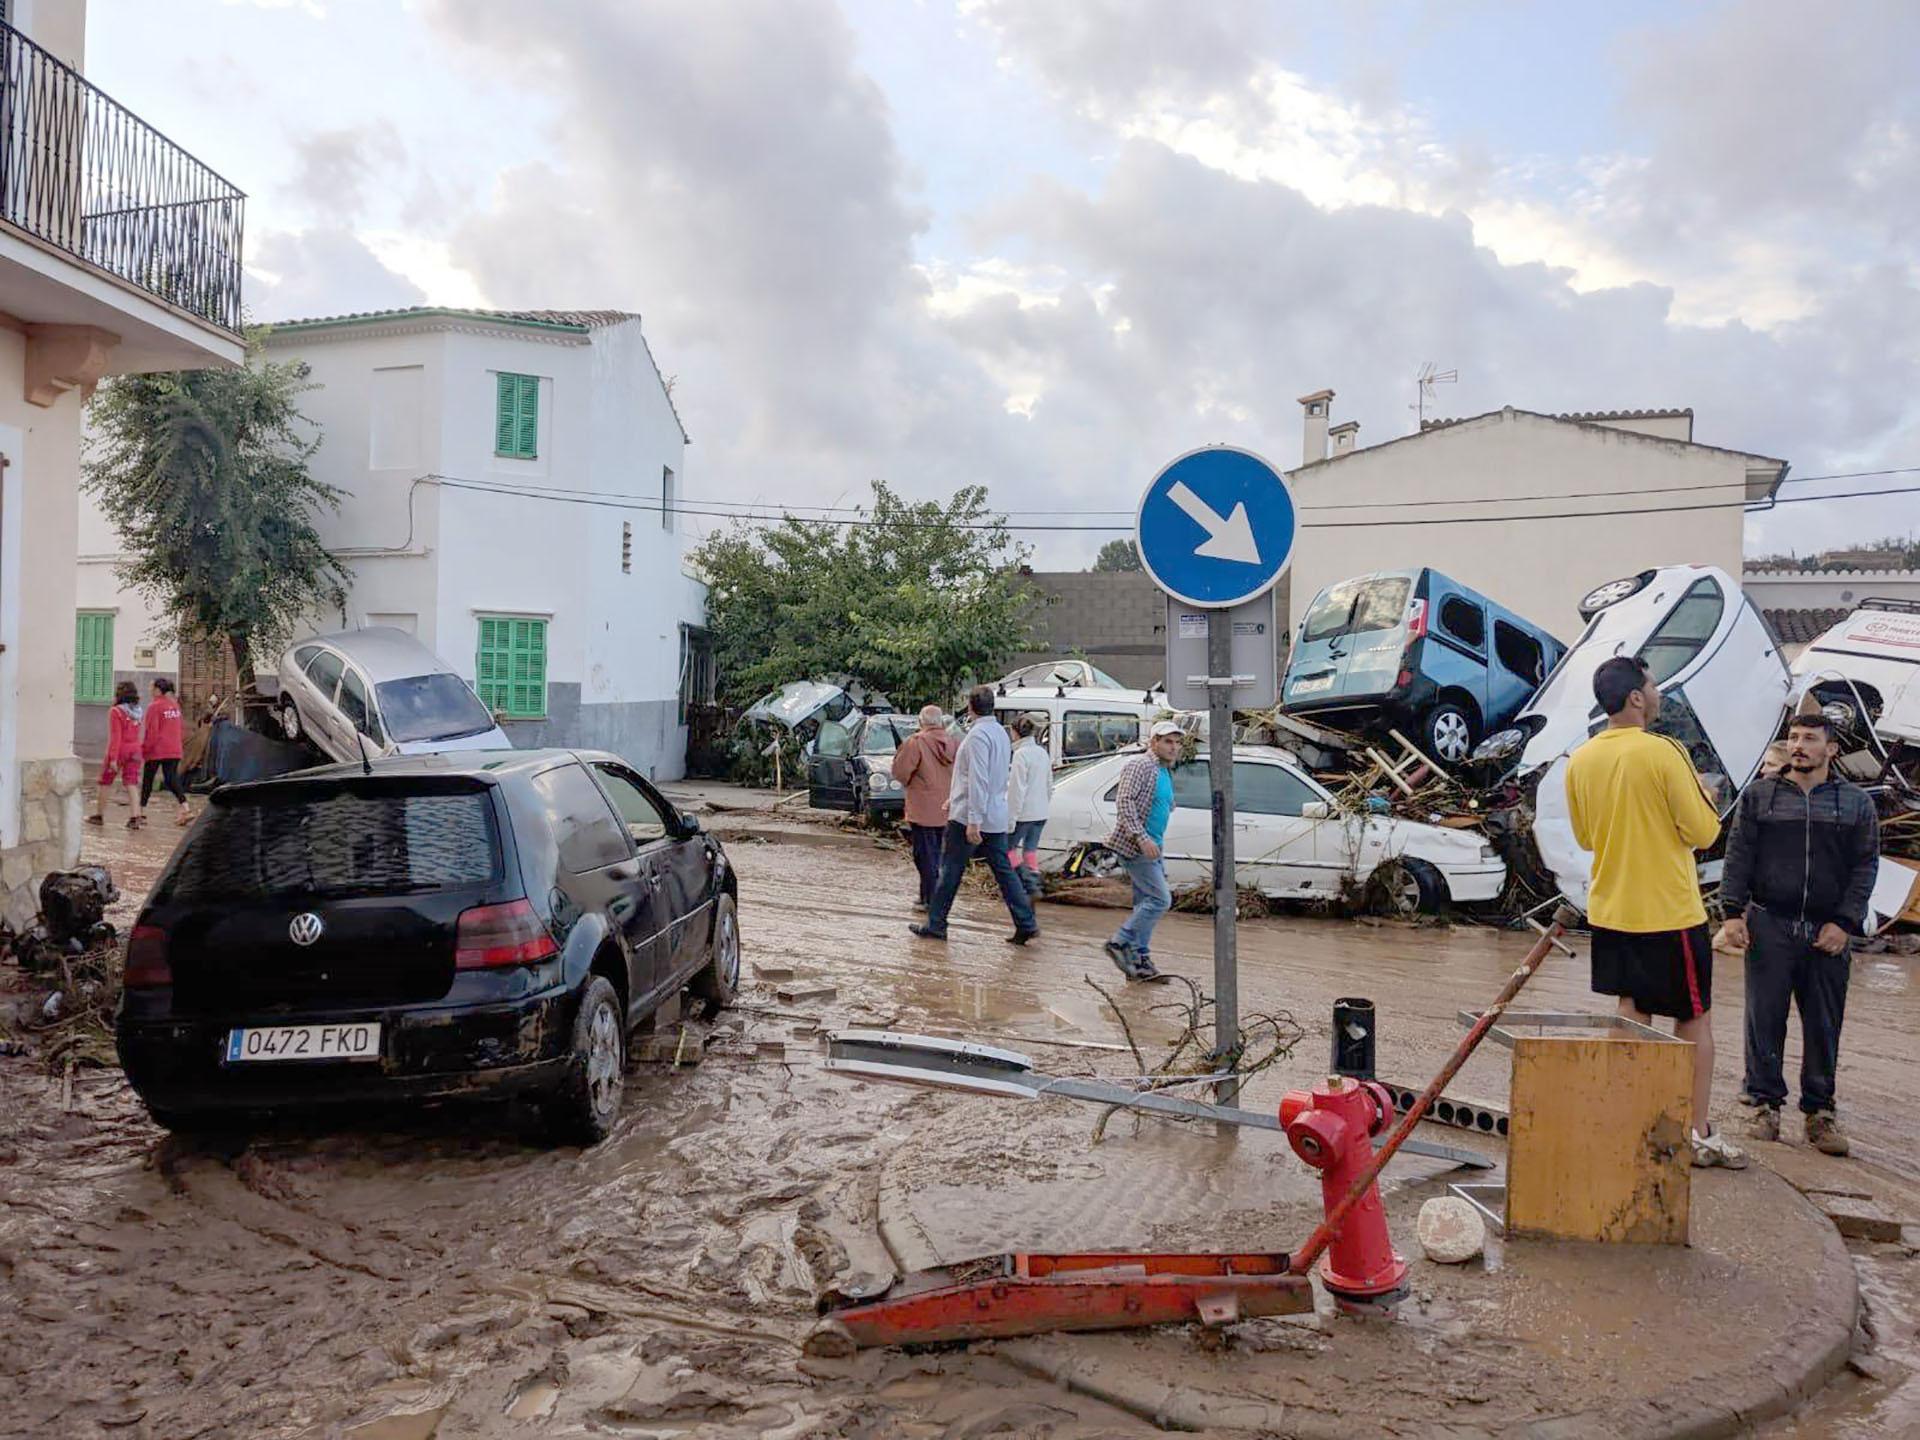 La localidad más afectada, Sant Llorenç des Cardassar, se encuentra a unos 60 kilómetros al este de Palma de Mallorca, la capital de esta isla del Mediterráneo